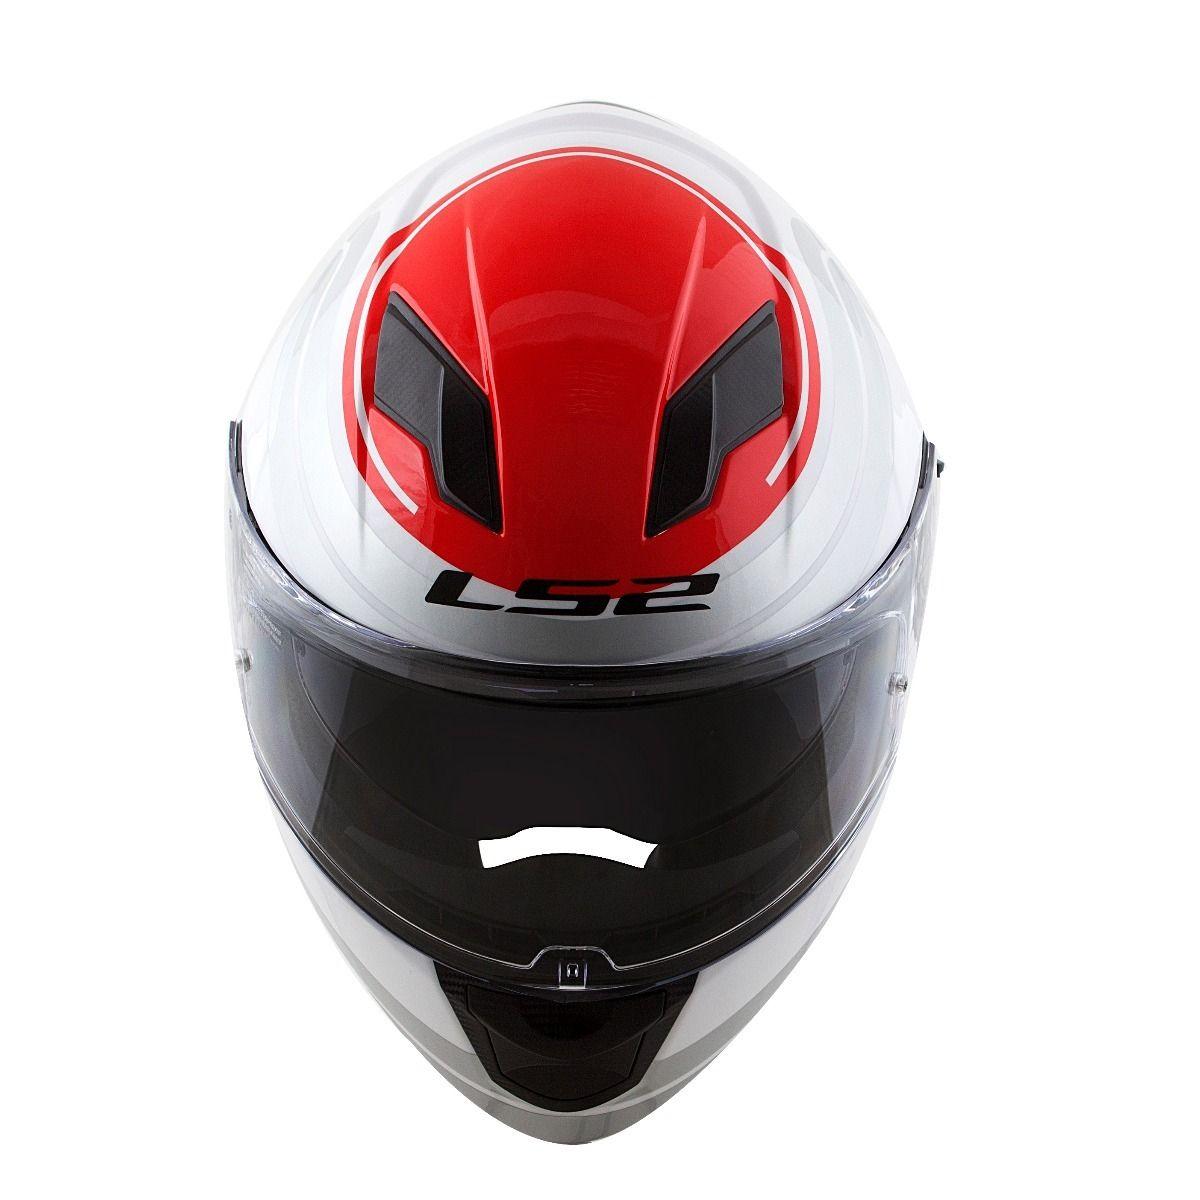 Capacete LS2 FF320 Stream Orbital (Branco/Vermelho)  - Nova Centro Boutique Roupas para Motociclistas